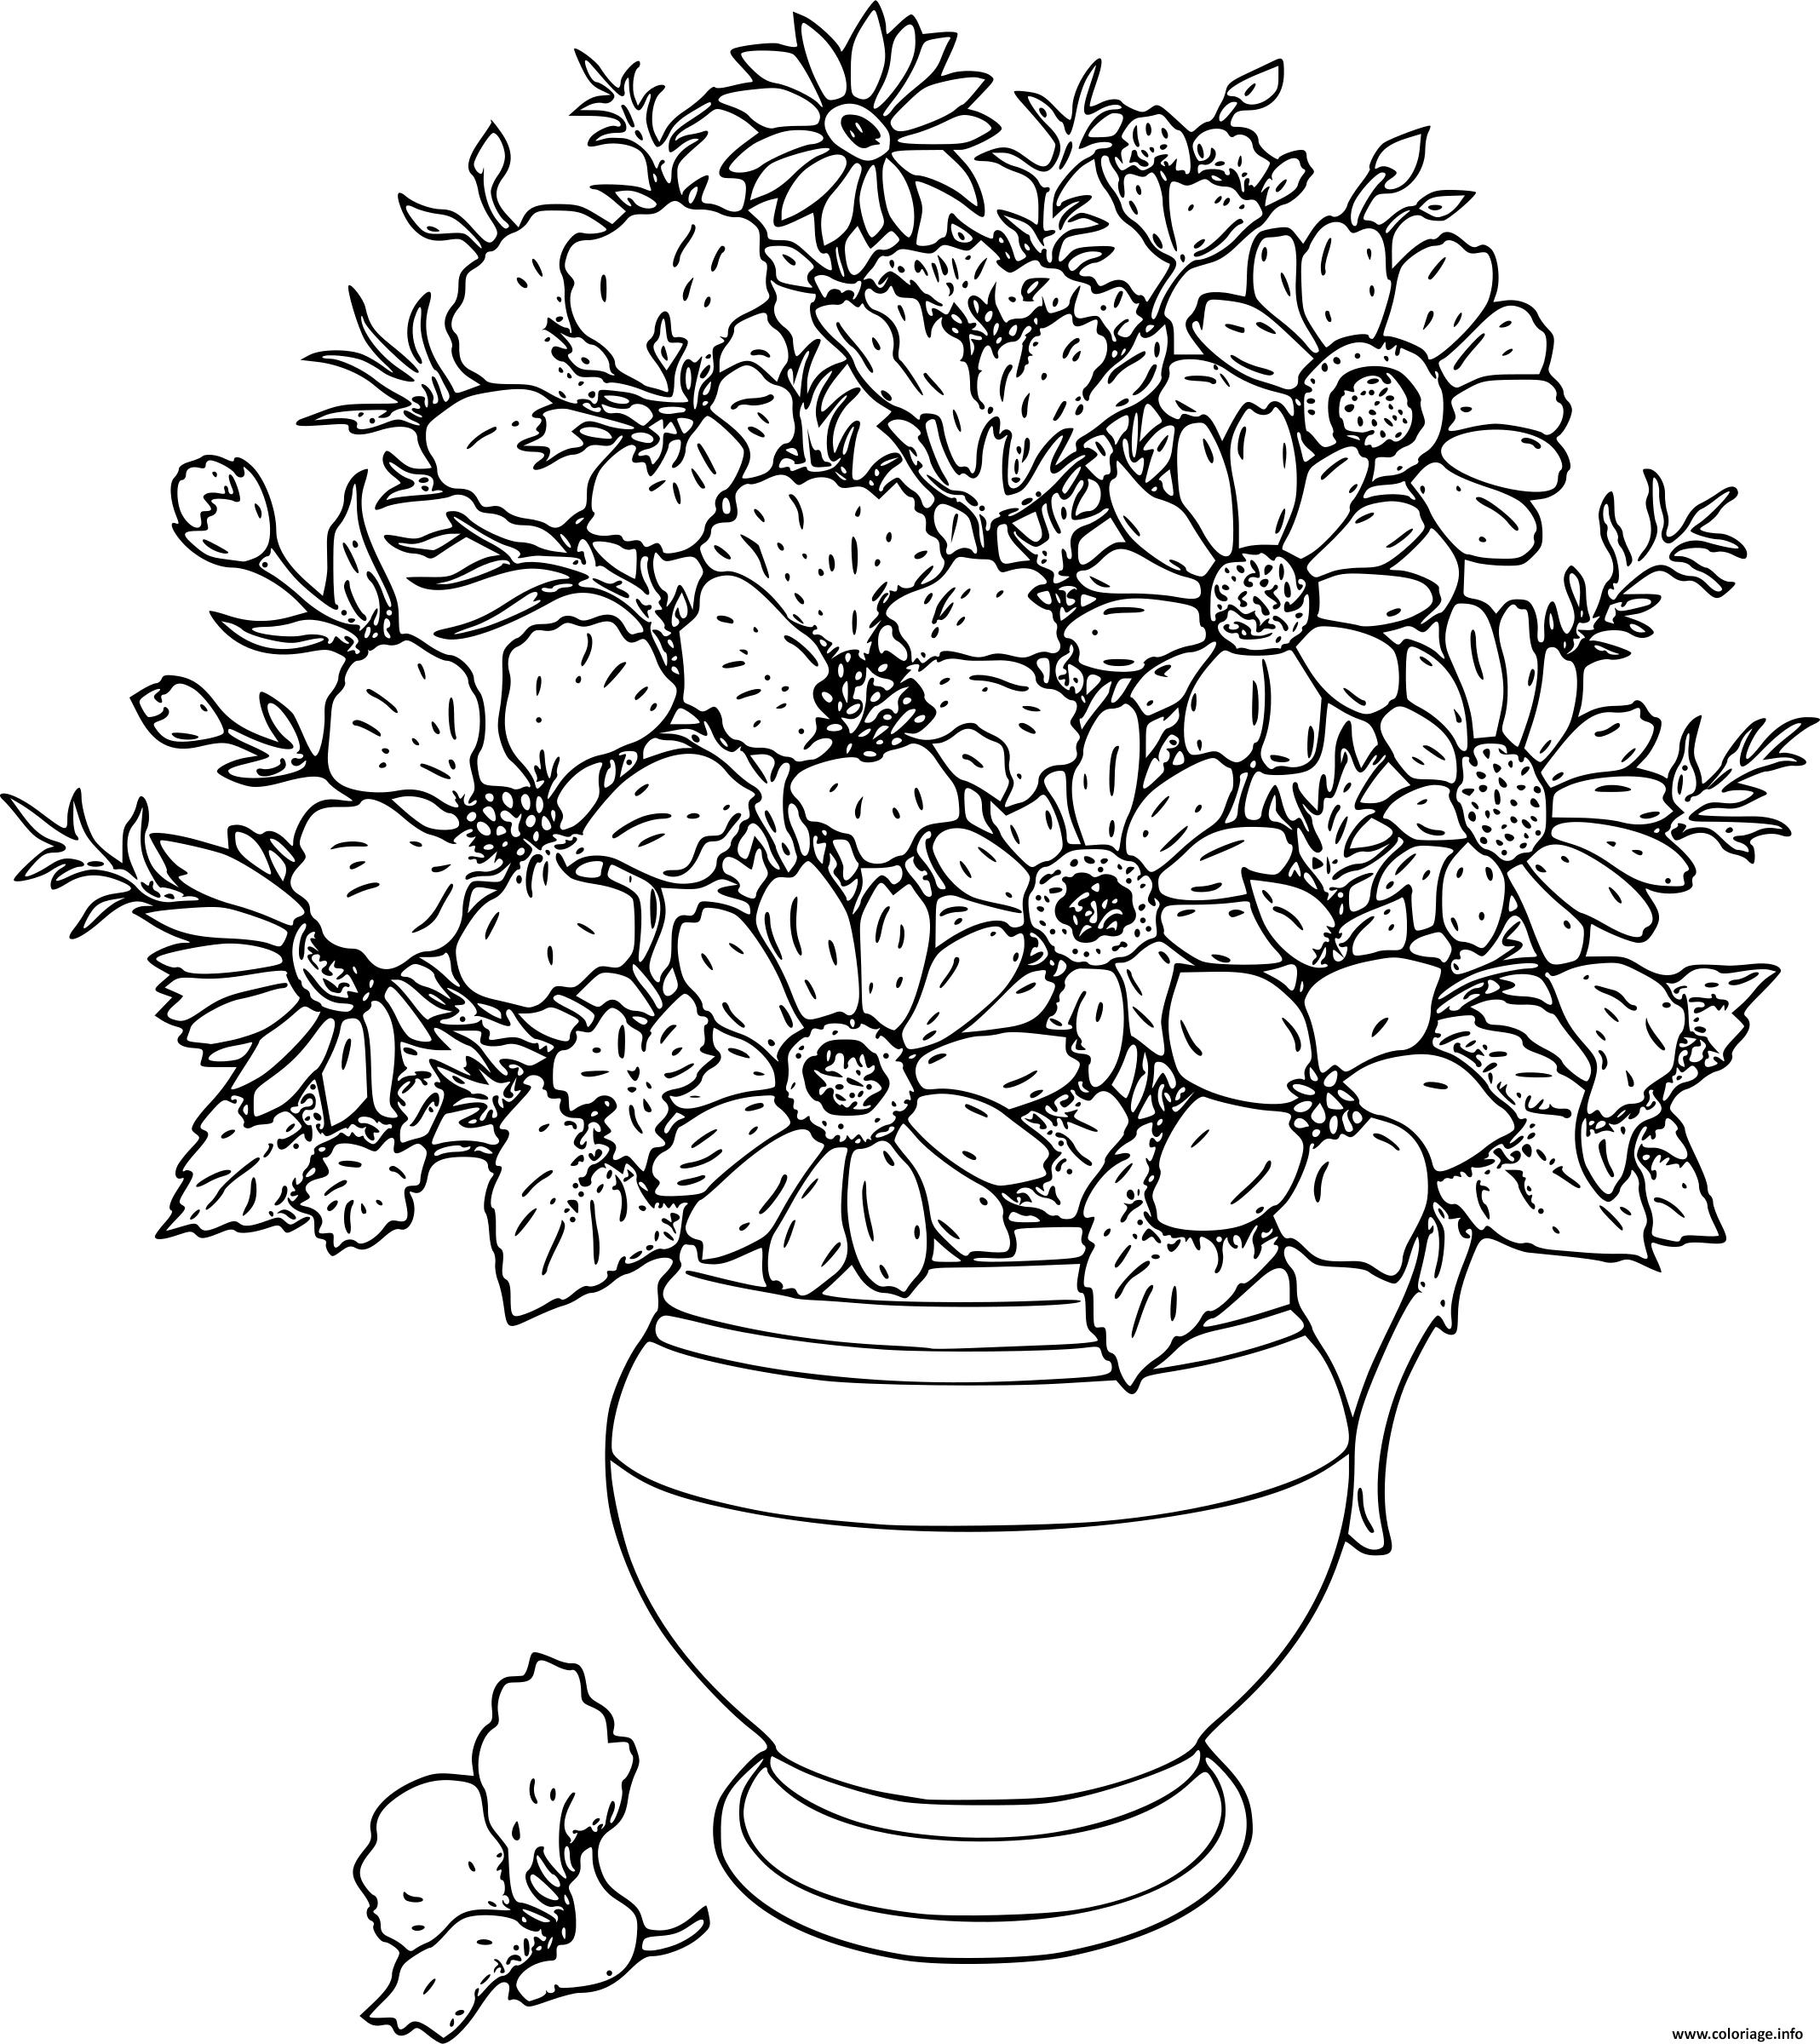 Coloriage Bouquet De Fleurs Adulte Jecoloriecom